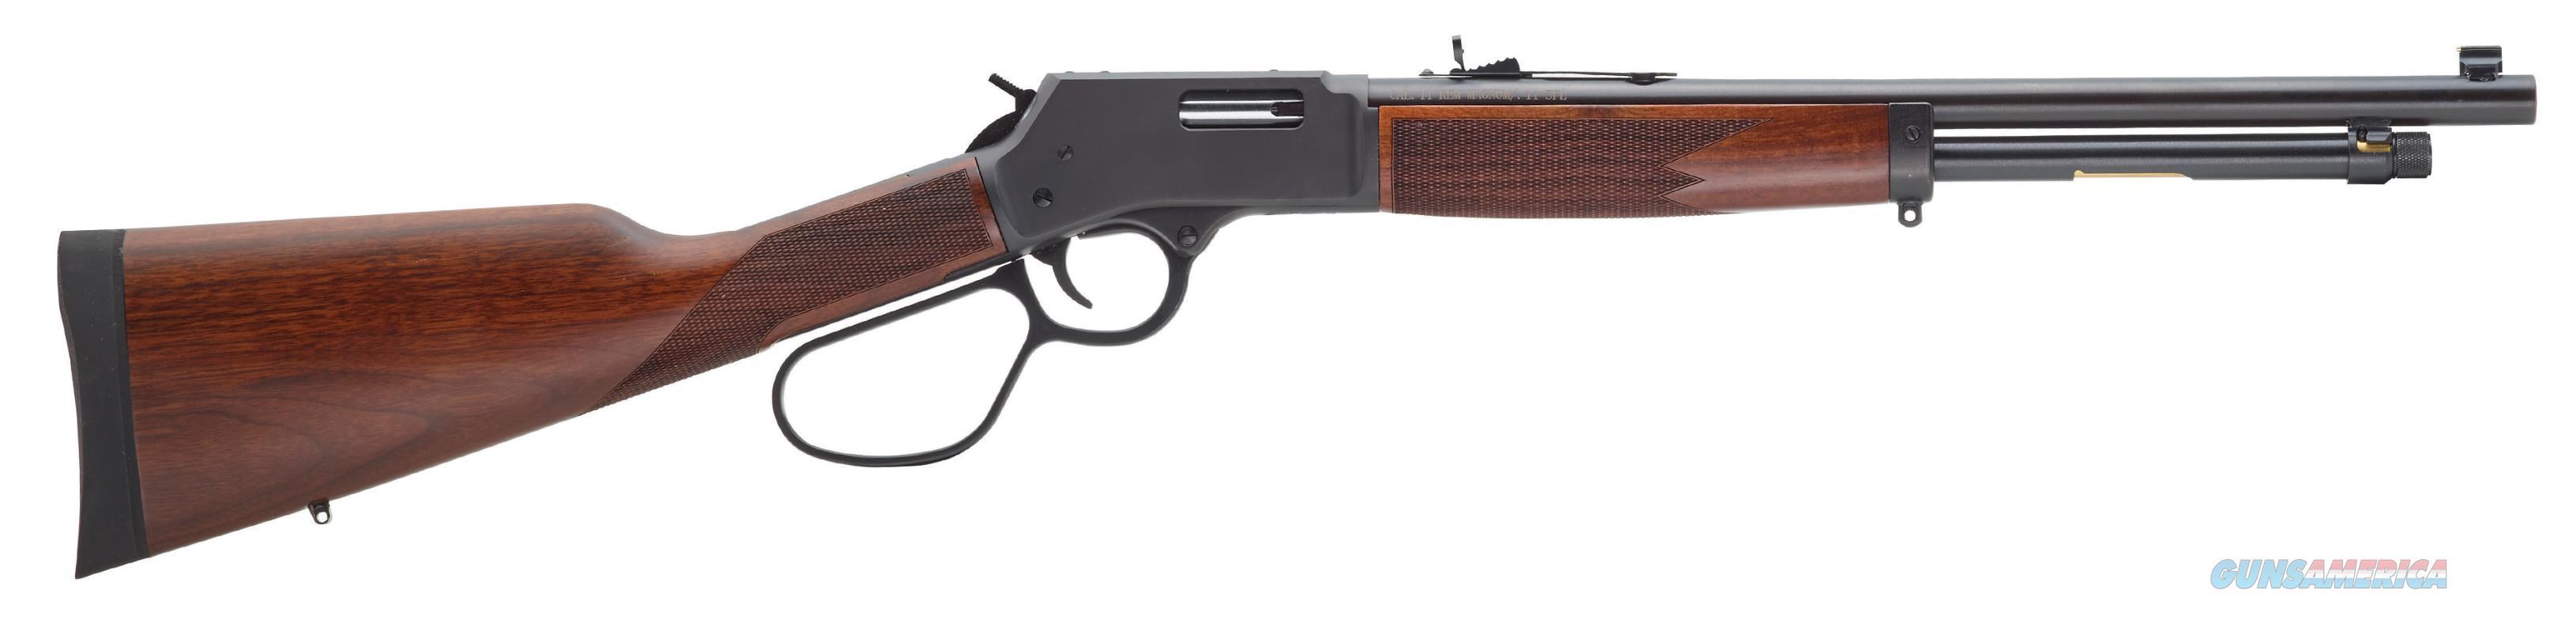 Henry Big Boy, Henry H012cr    Big Boy 45colt Carbine  Guns > Pistols > 1911 Pistol Copies (non-Colt)